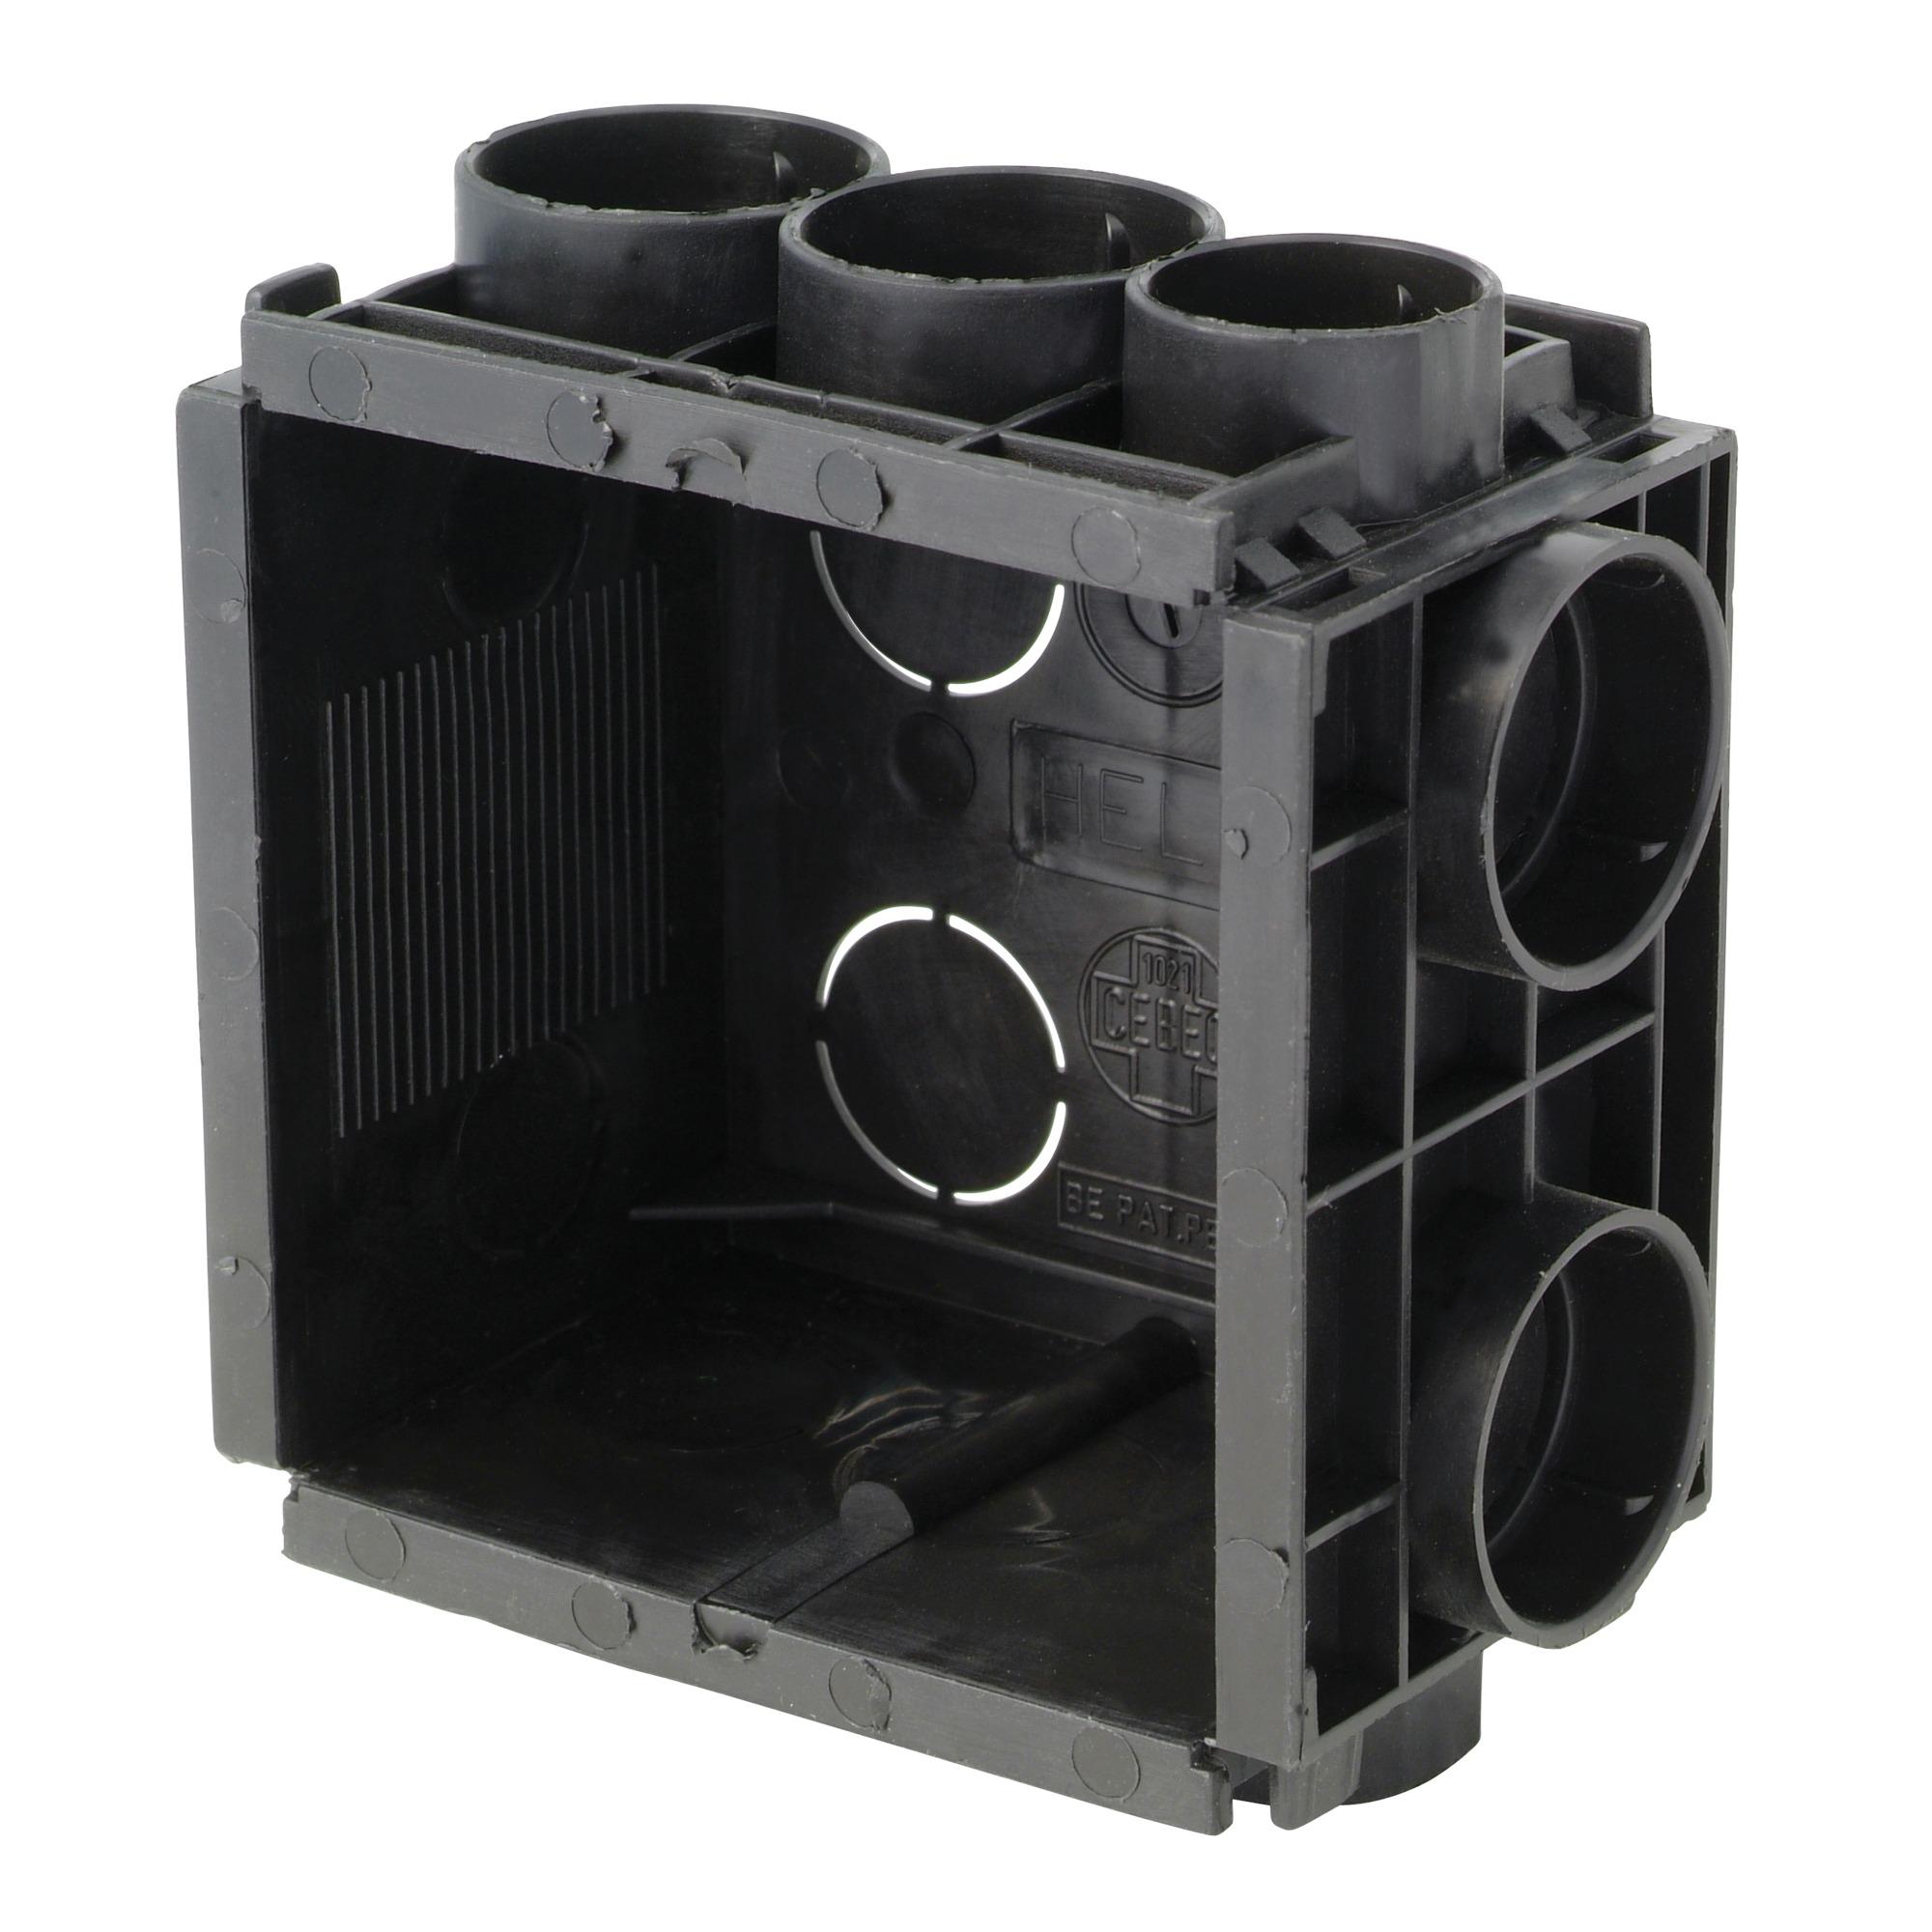 bo te d 39 encastrement helia 40mm noir 10 pi ces bo tiers d 39 encastrement installation. Black Bedroom Furniture Sets. Home Design Ideas